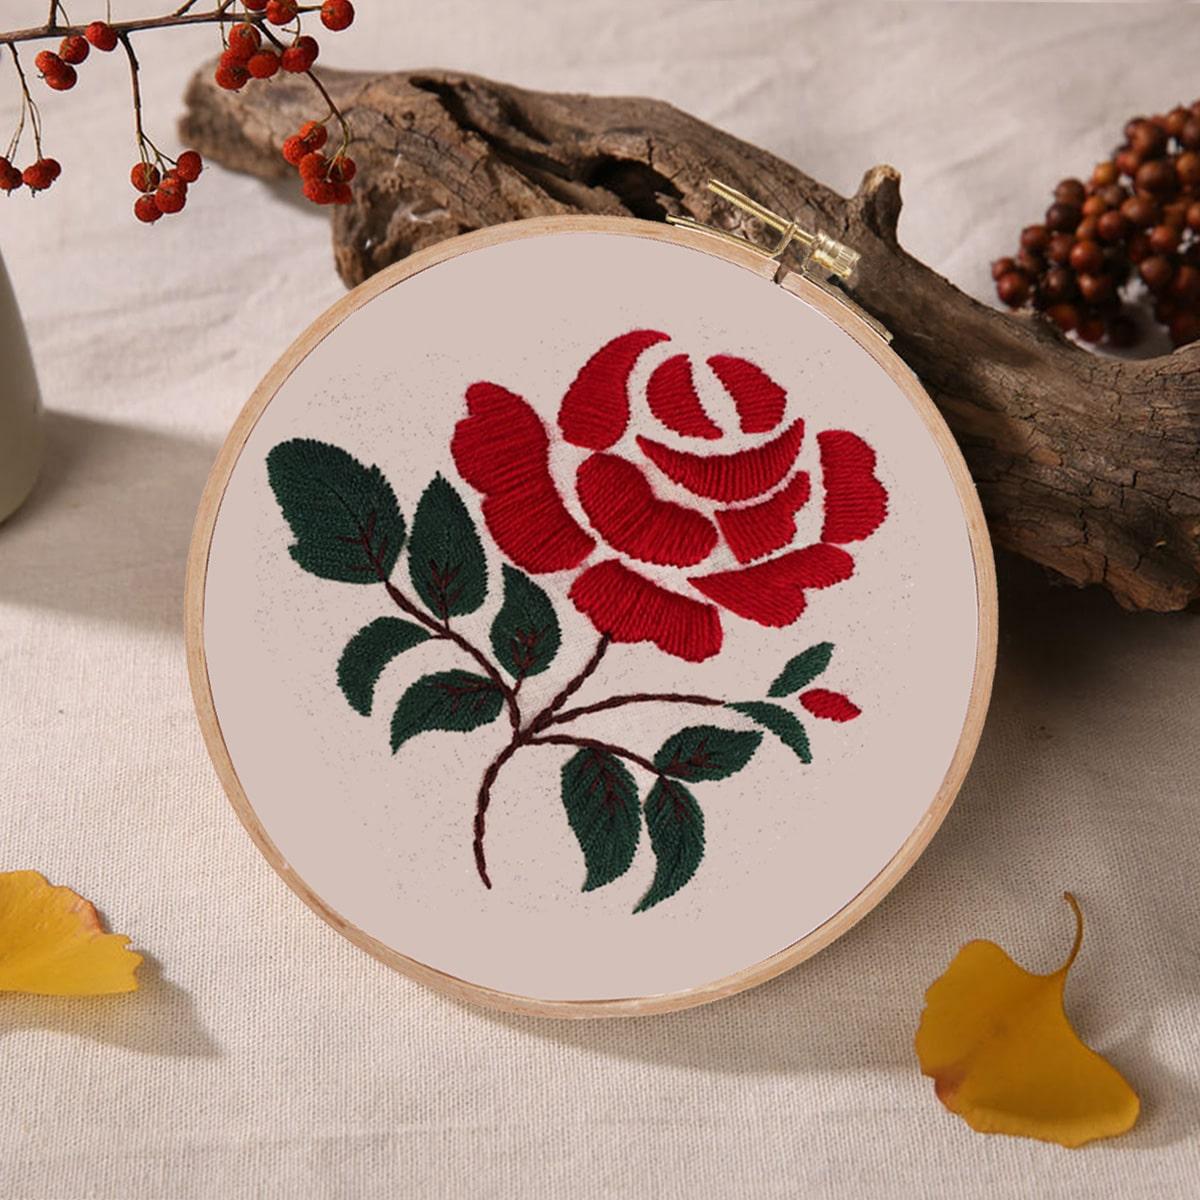 Вышивка крестиком DIY с цветочным узором